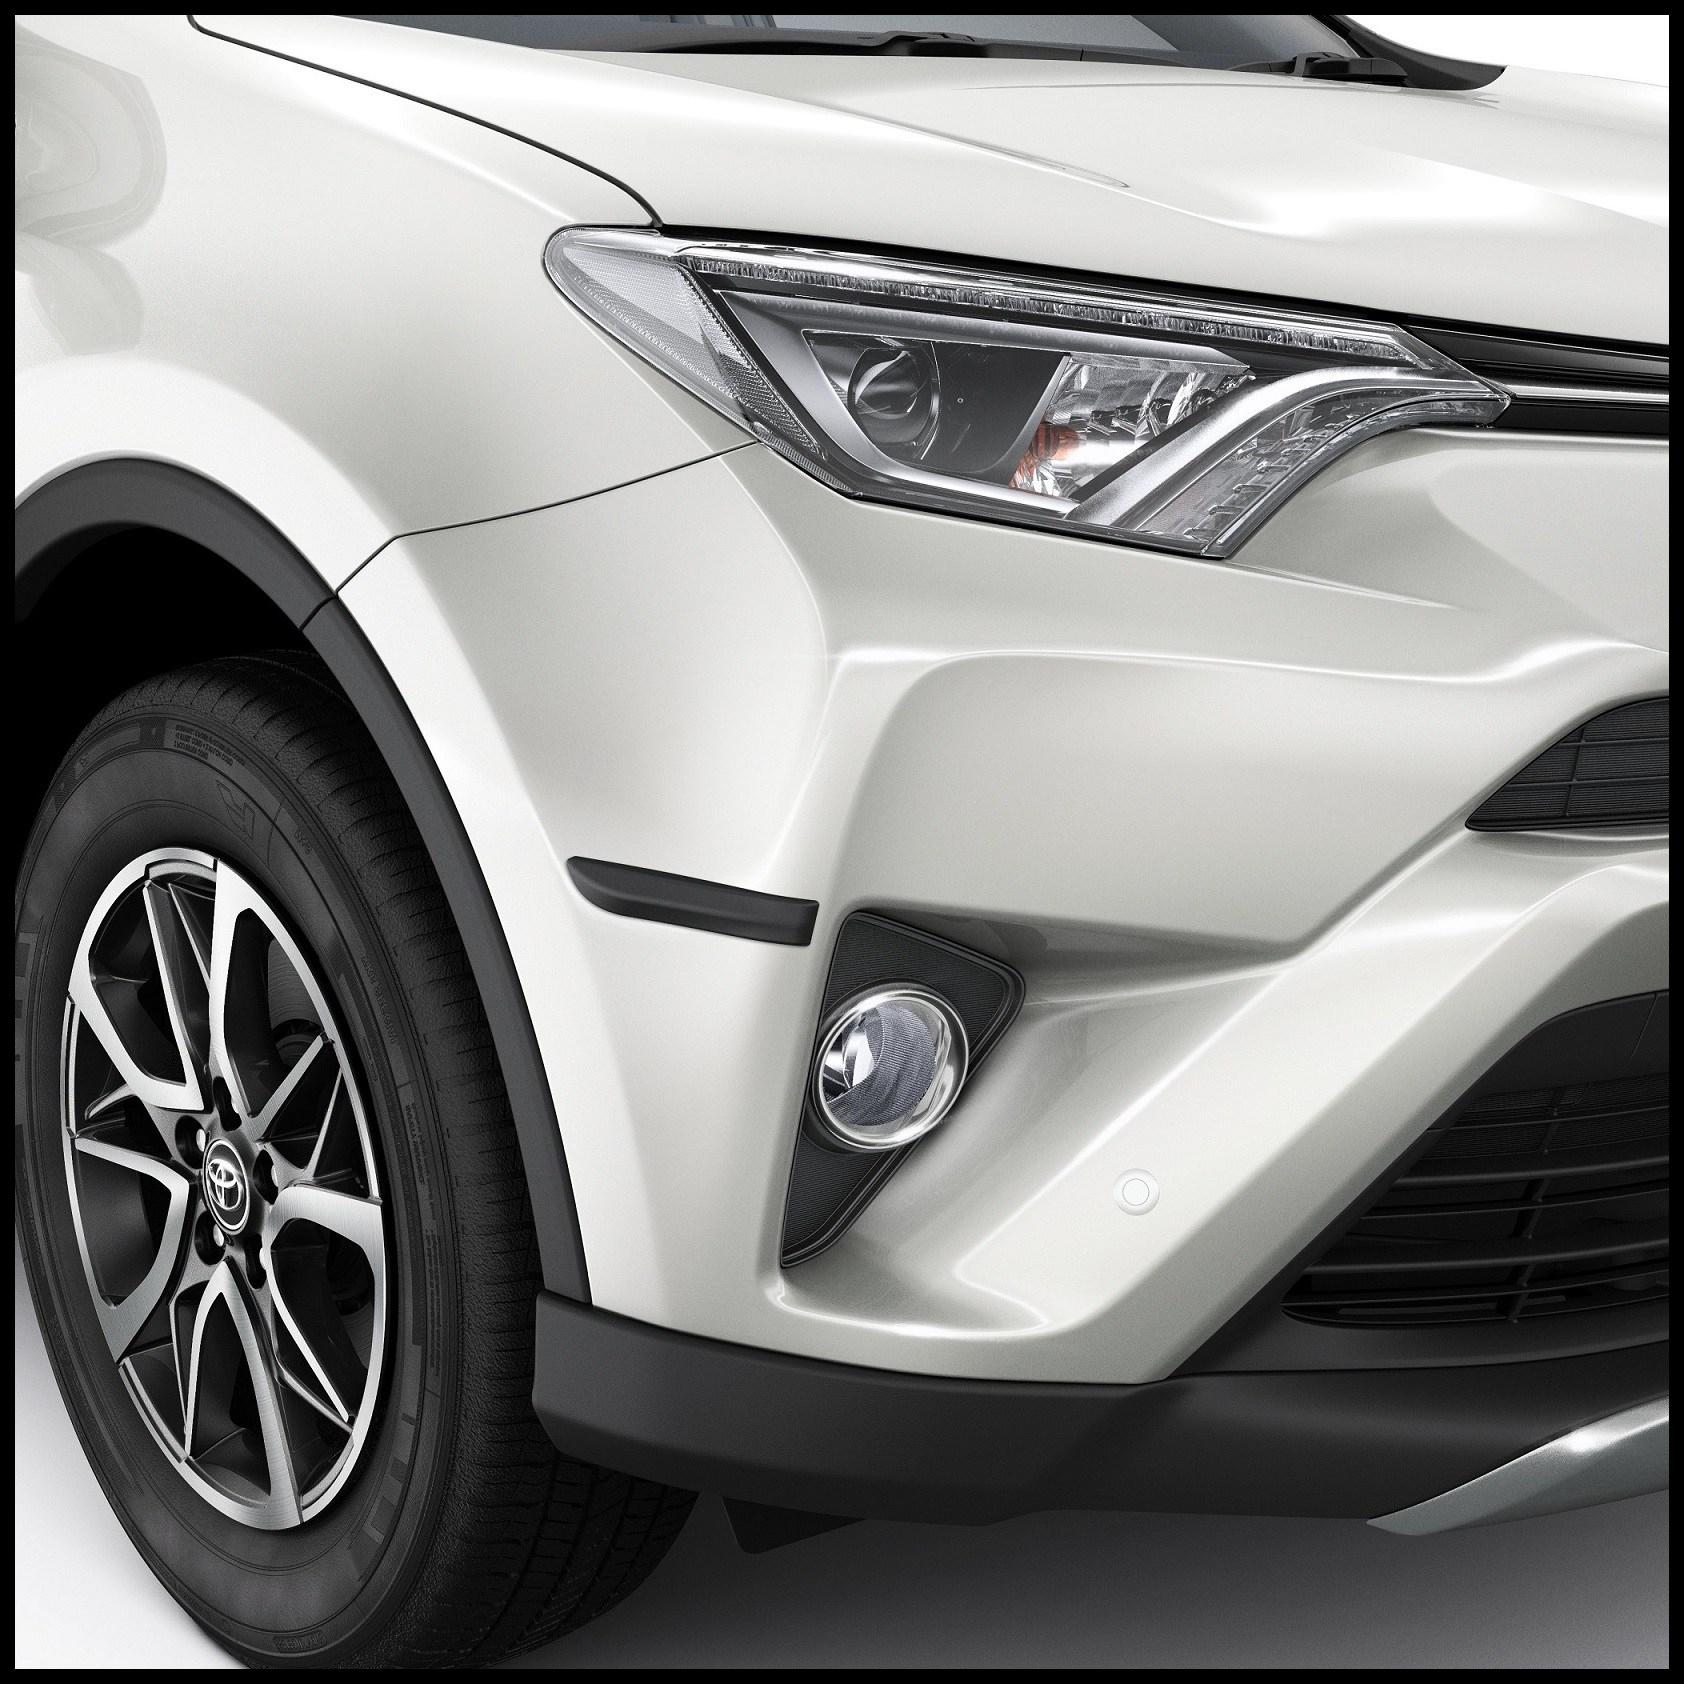 Home Parts Toyota Rav 4 Rav 4 Mk 4 2012 Present Rav 4 Mk 4 Accessories Toyota Rav4 2015 – Present Bumper Corner Protectors